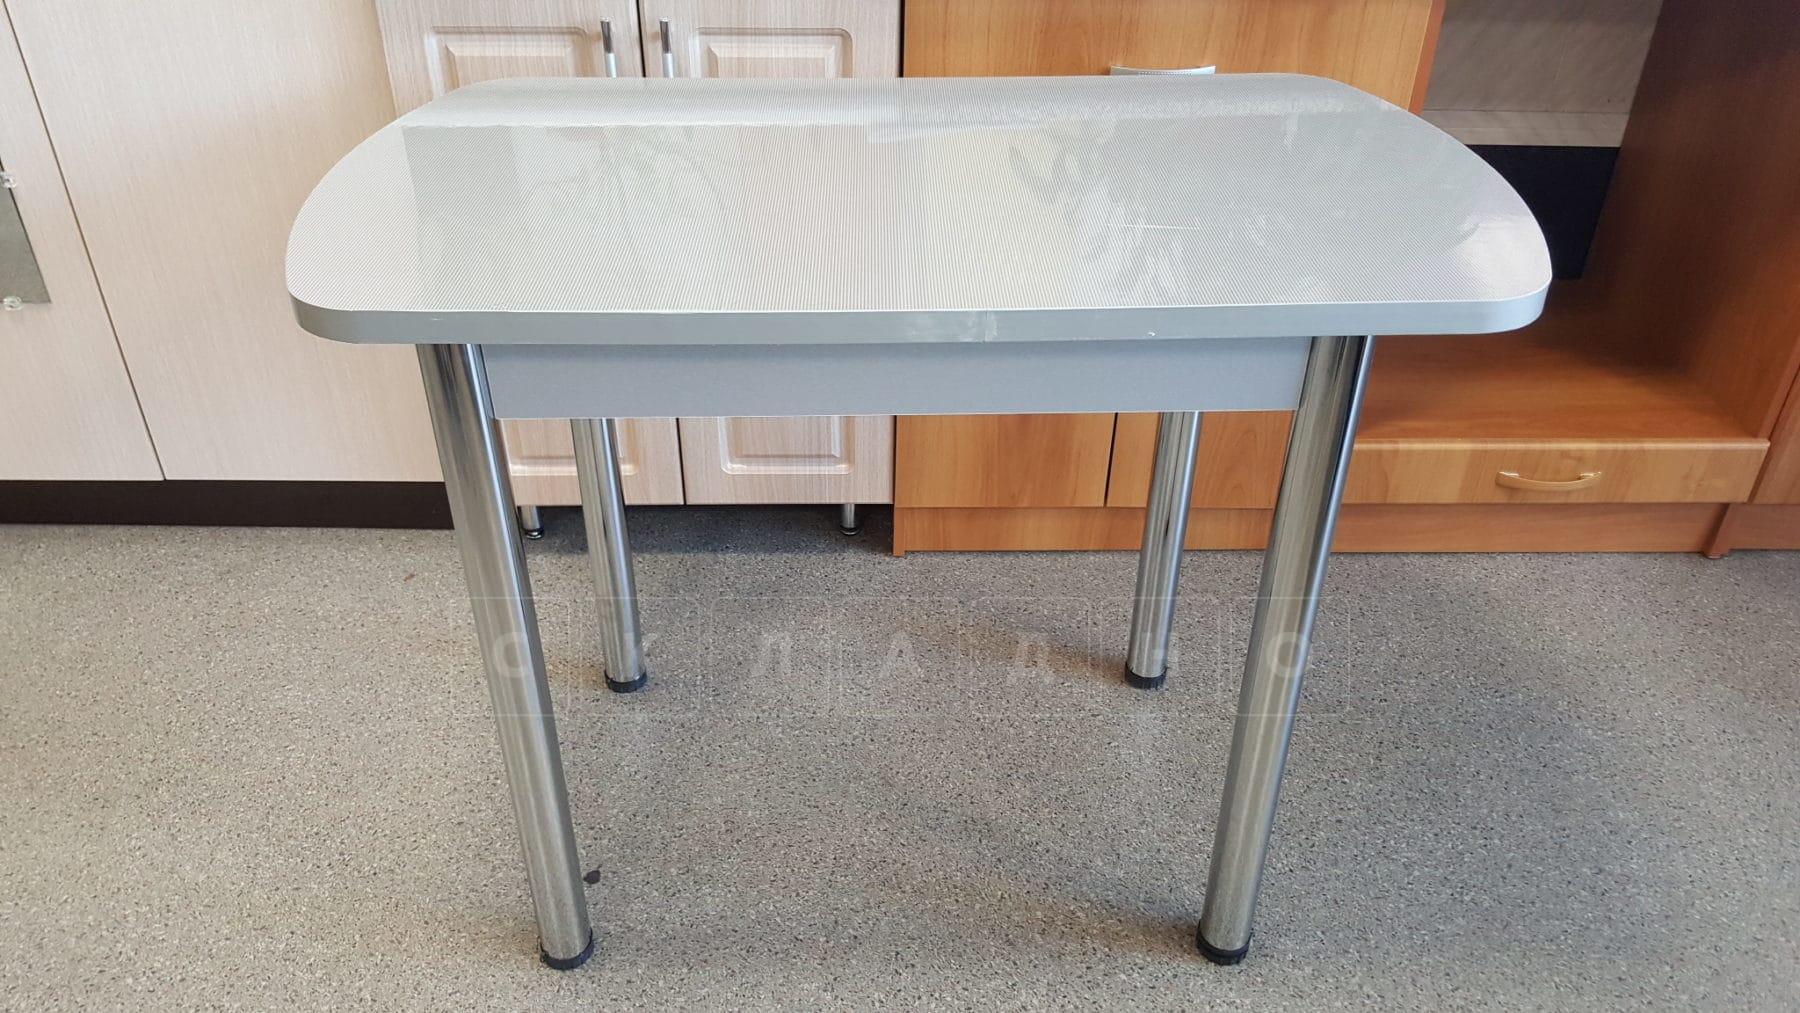 Стол обеденный на хромированных ножках столешница 28мм фото 2 | интернет-магазин Складно